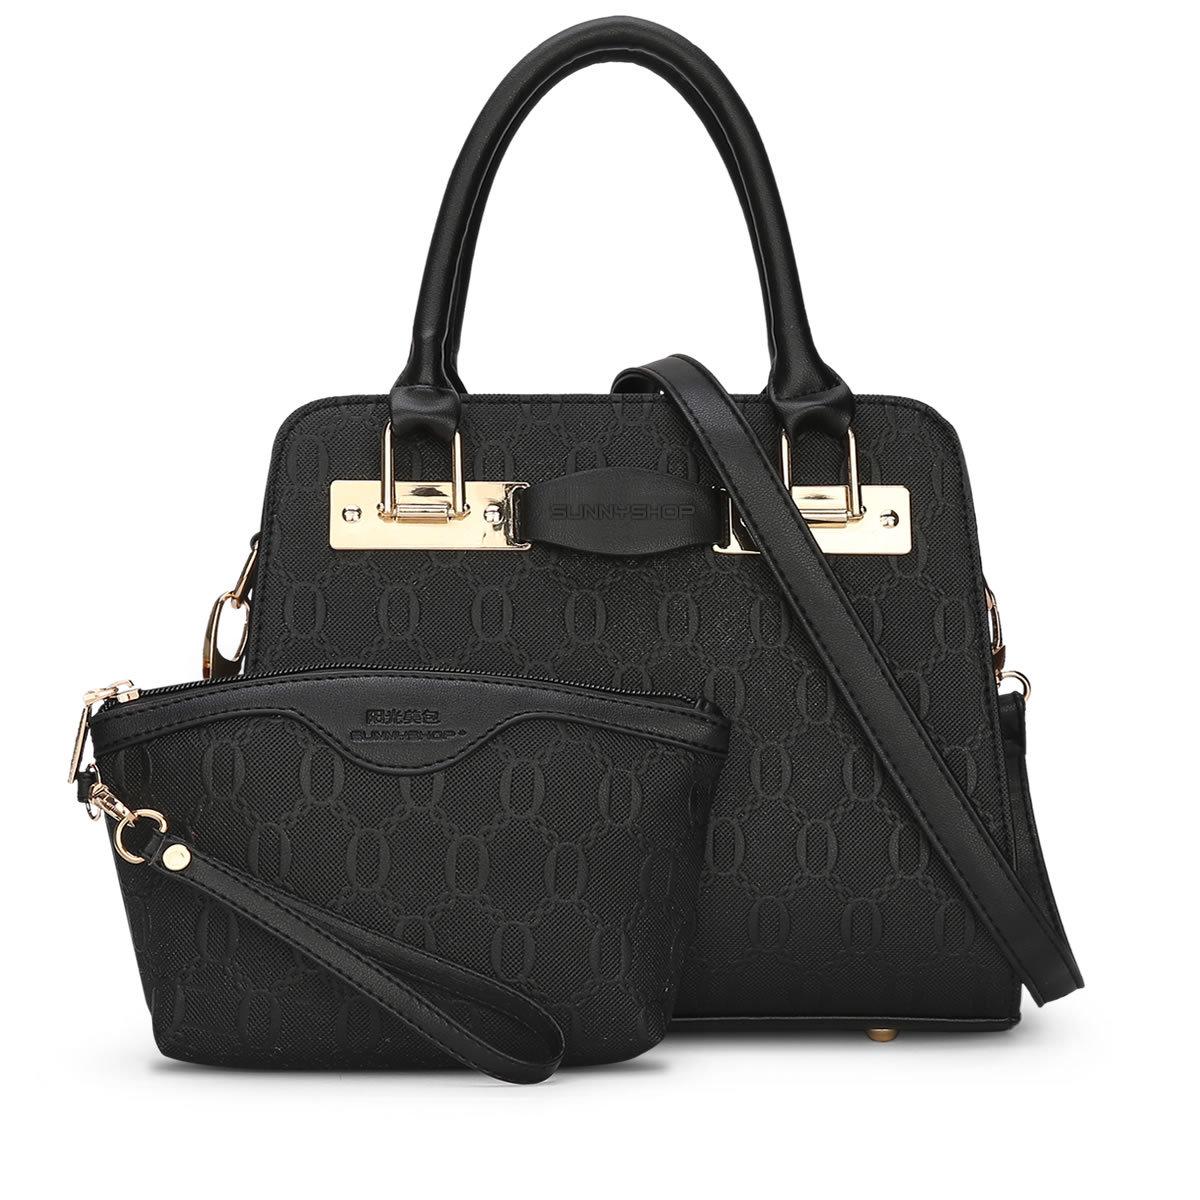 พร้อมส่ง กระเป๋าถือและสะพายข้าง เช็ต 2 ใบ กระเป๋าหรูคุณนายแฟชั่นเกาหลี Sunny-711 แท้ สีดำ